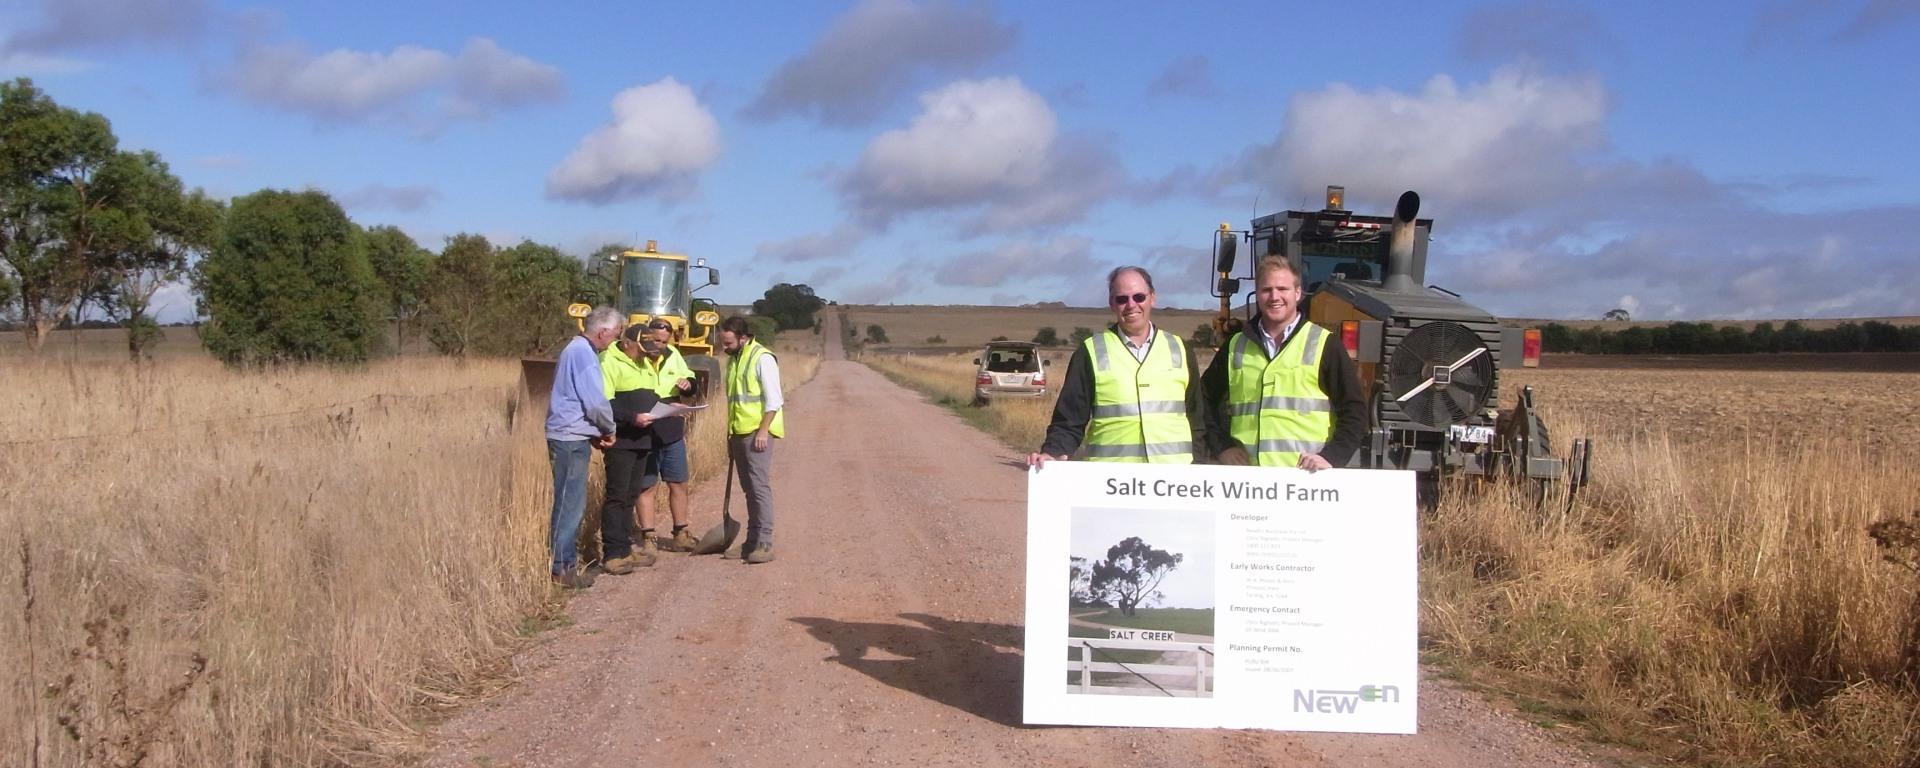 Salt Creek wind farm commences